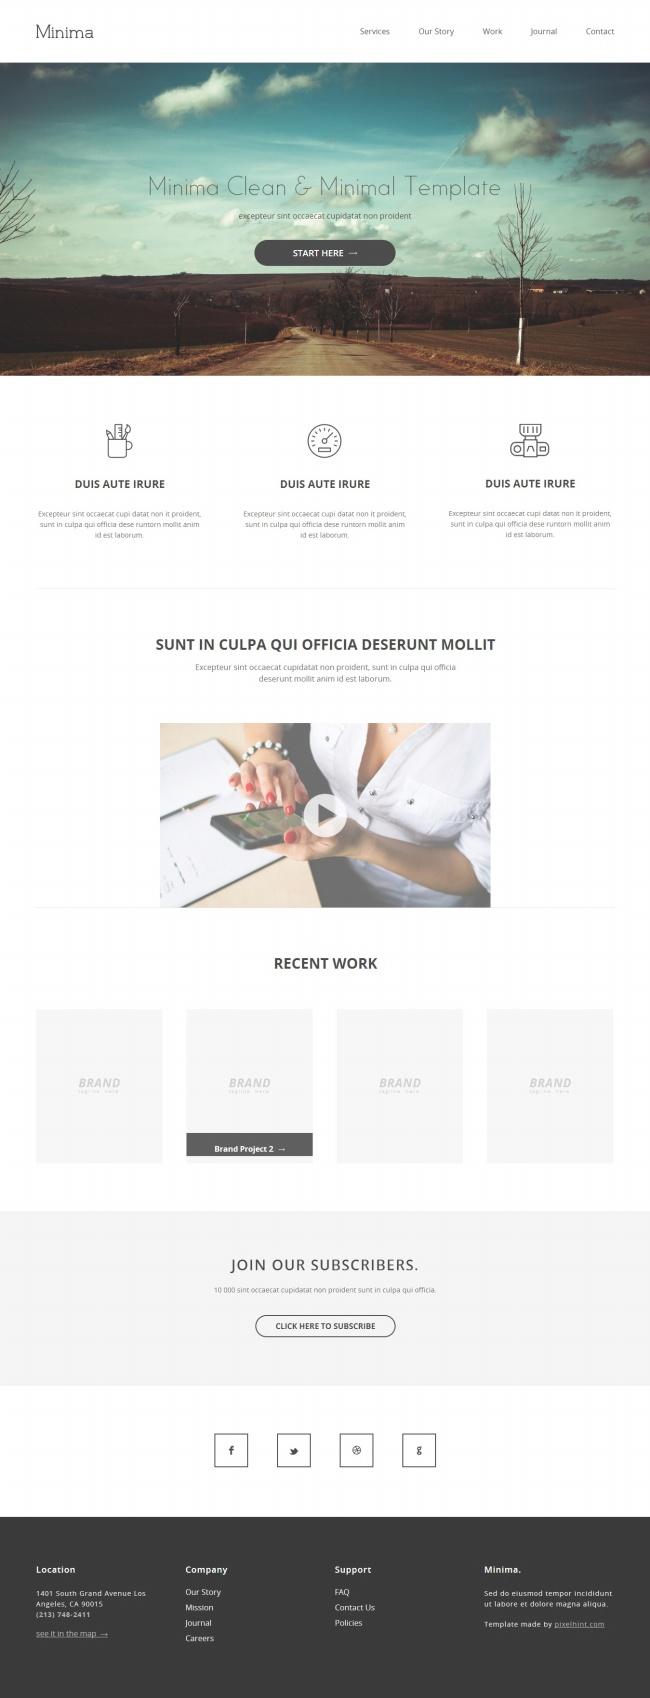 Tải về mẫu thiết kế web 07